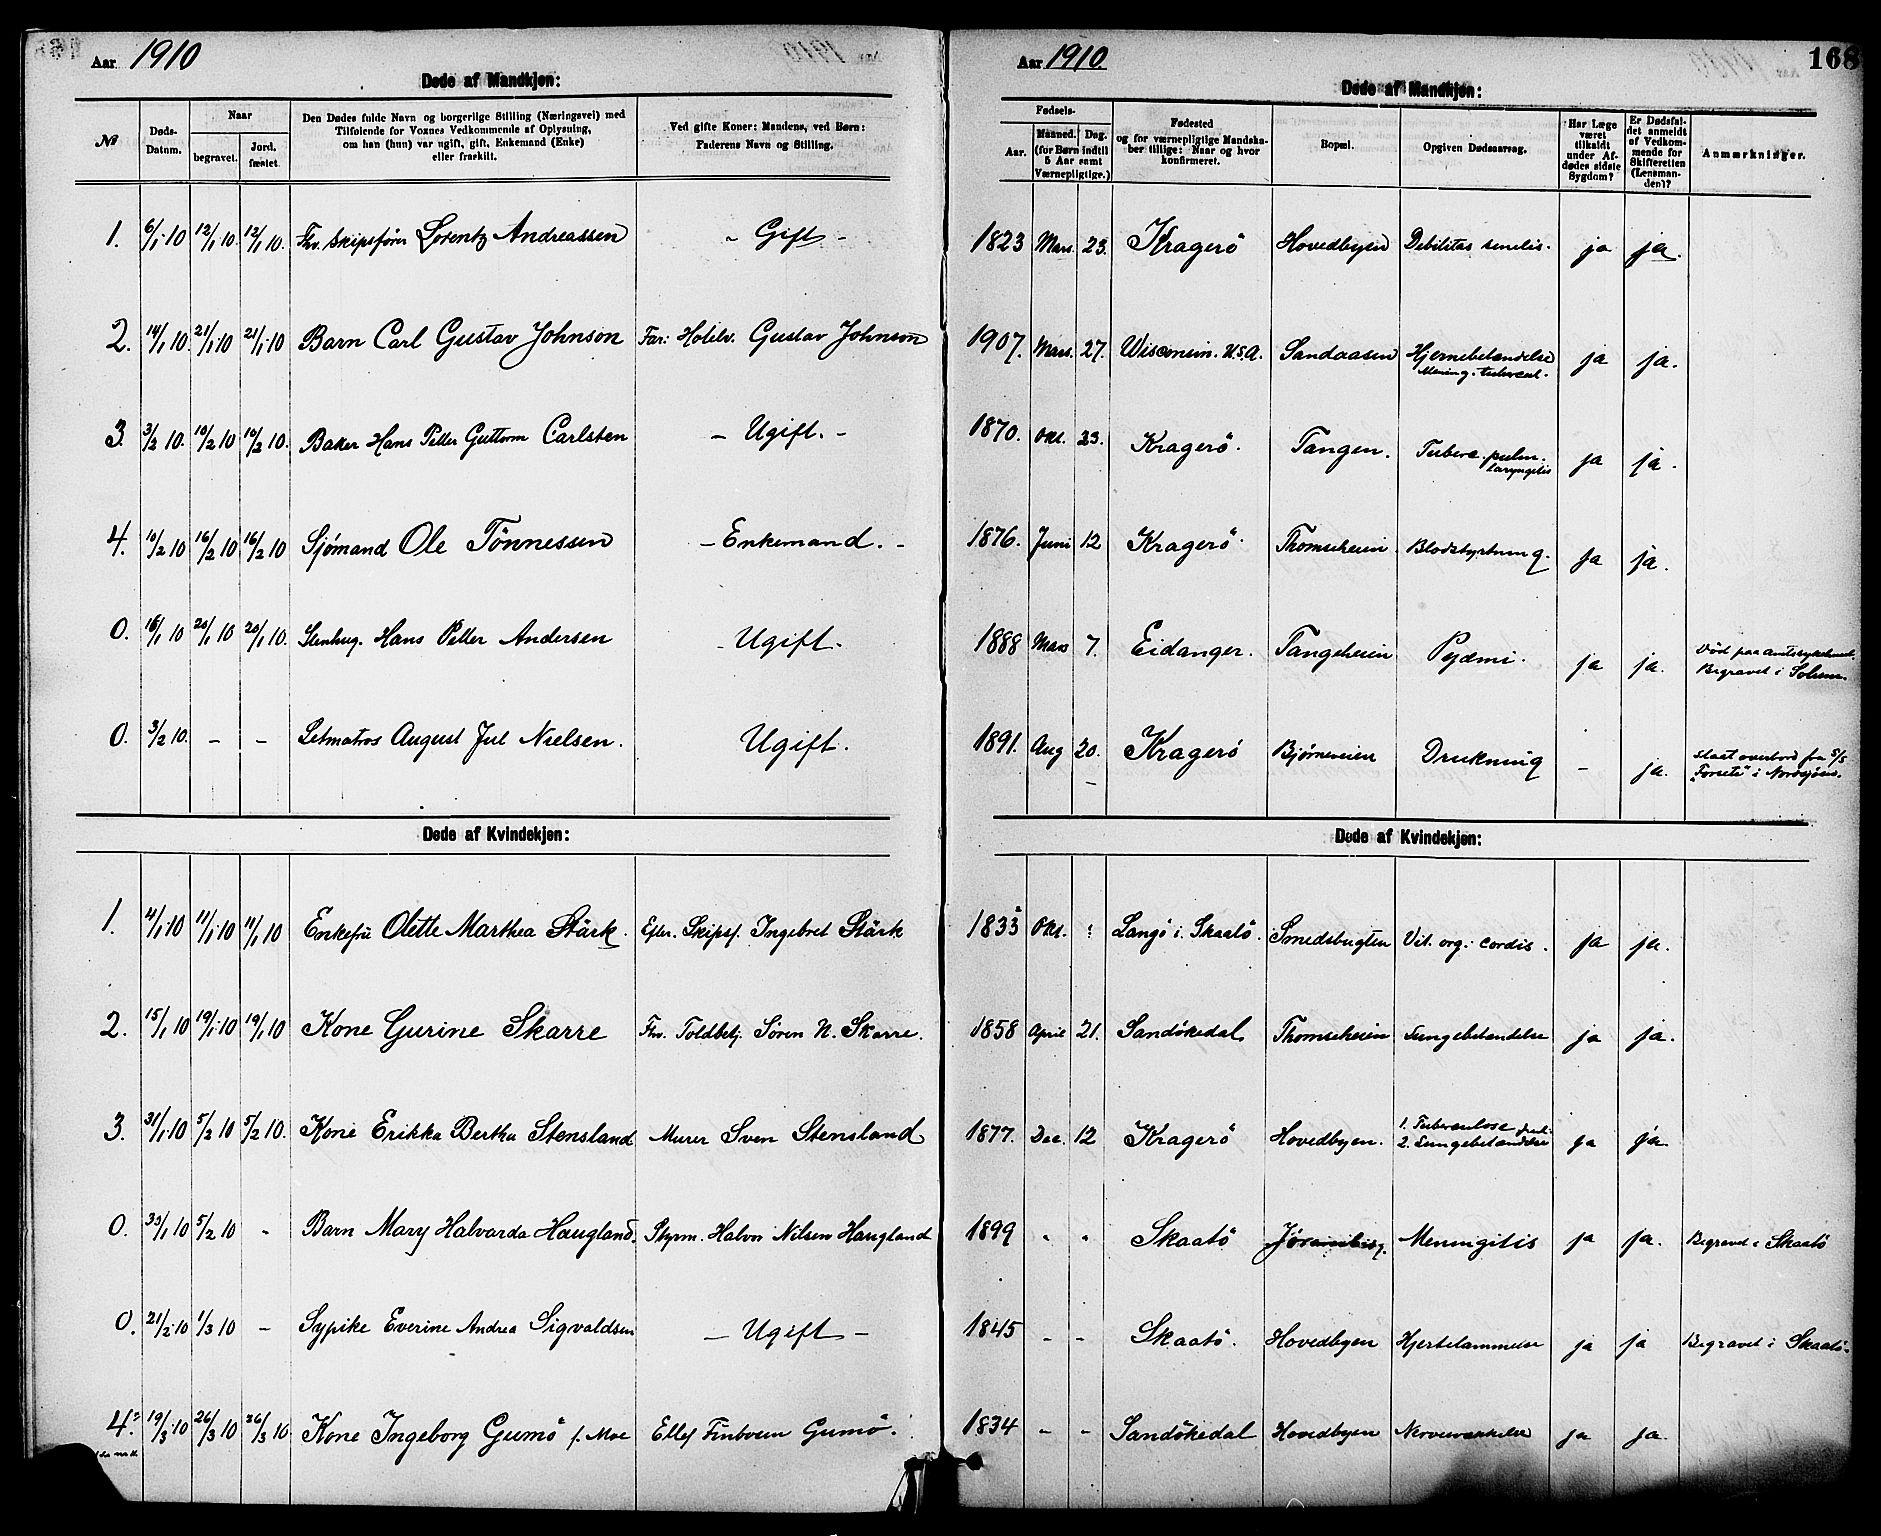 SAKO, Kragerø kirkebøker, G/Ga/L0008: Klokkerbok nr. 8, 1881-1914, s. 168